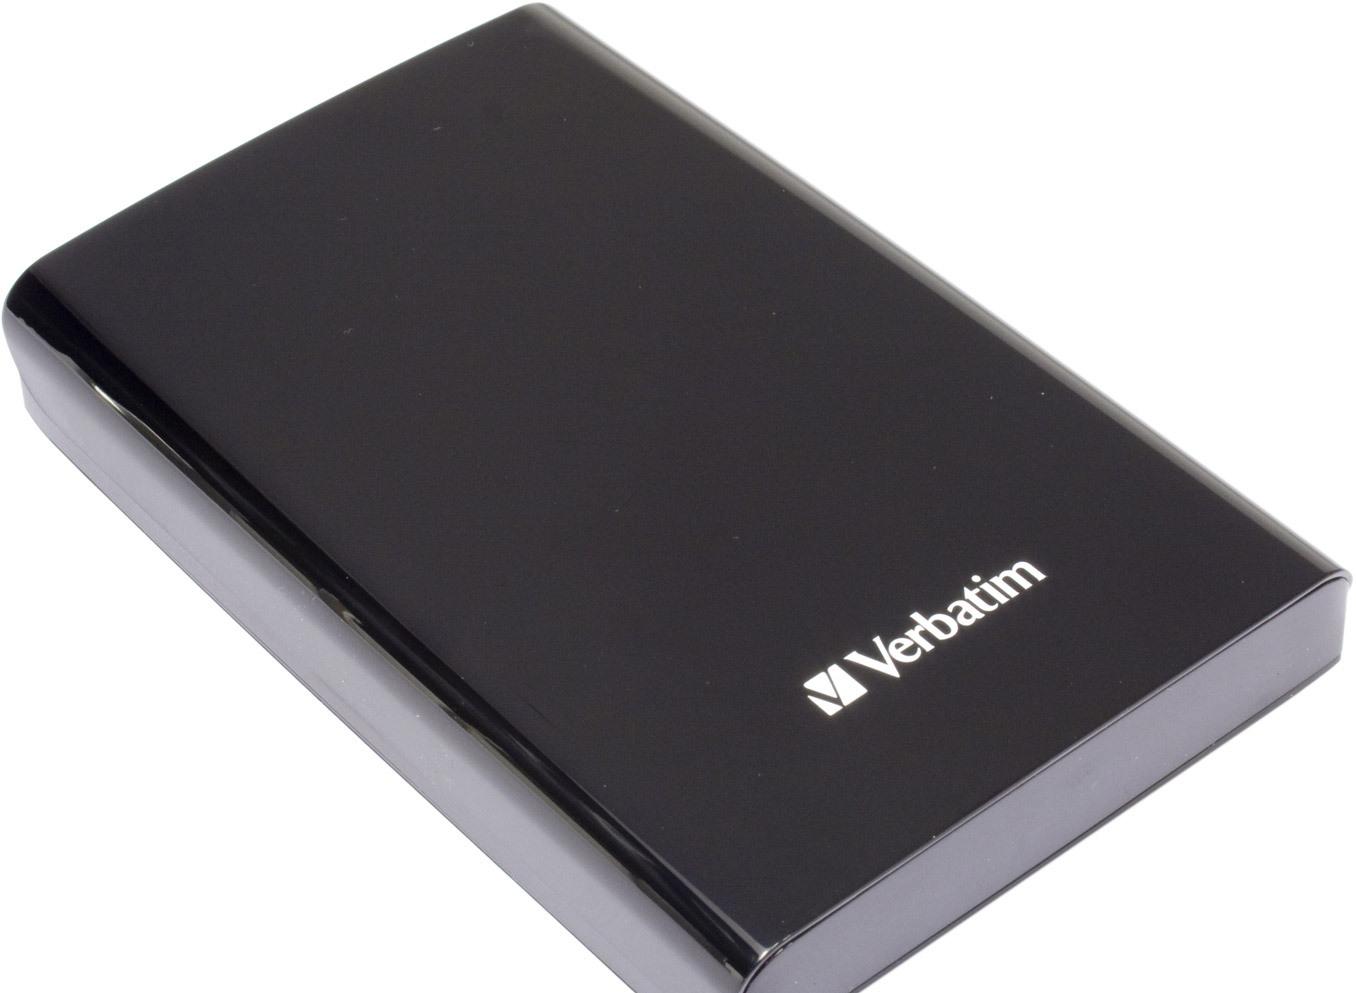 Внешний накопитель Verbatim Store 'n' Go USB 3.0 1TB Black (53023)